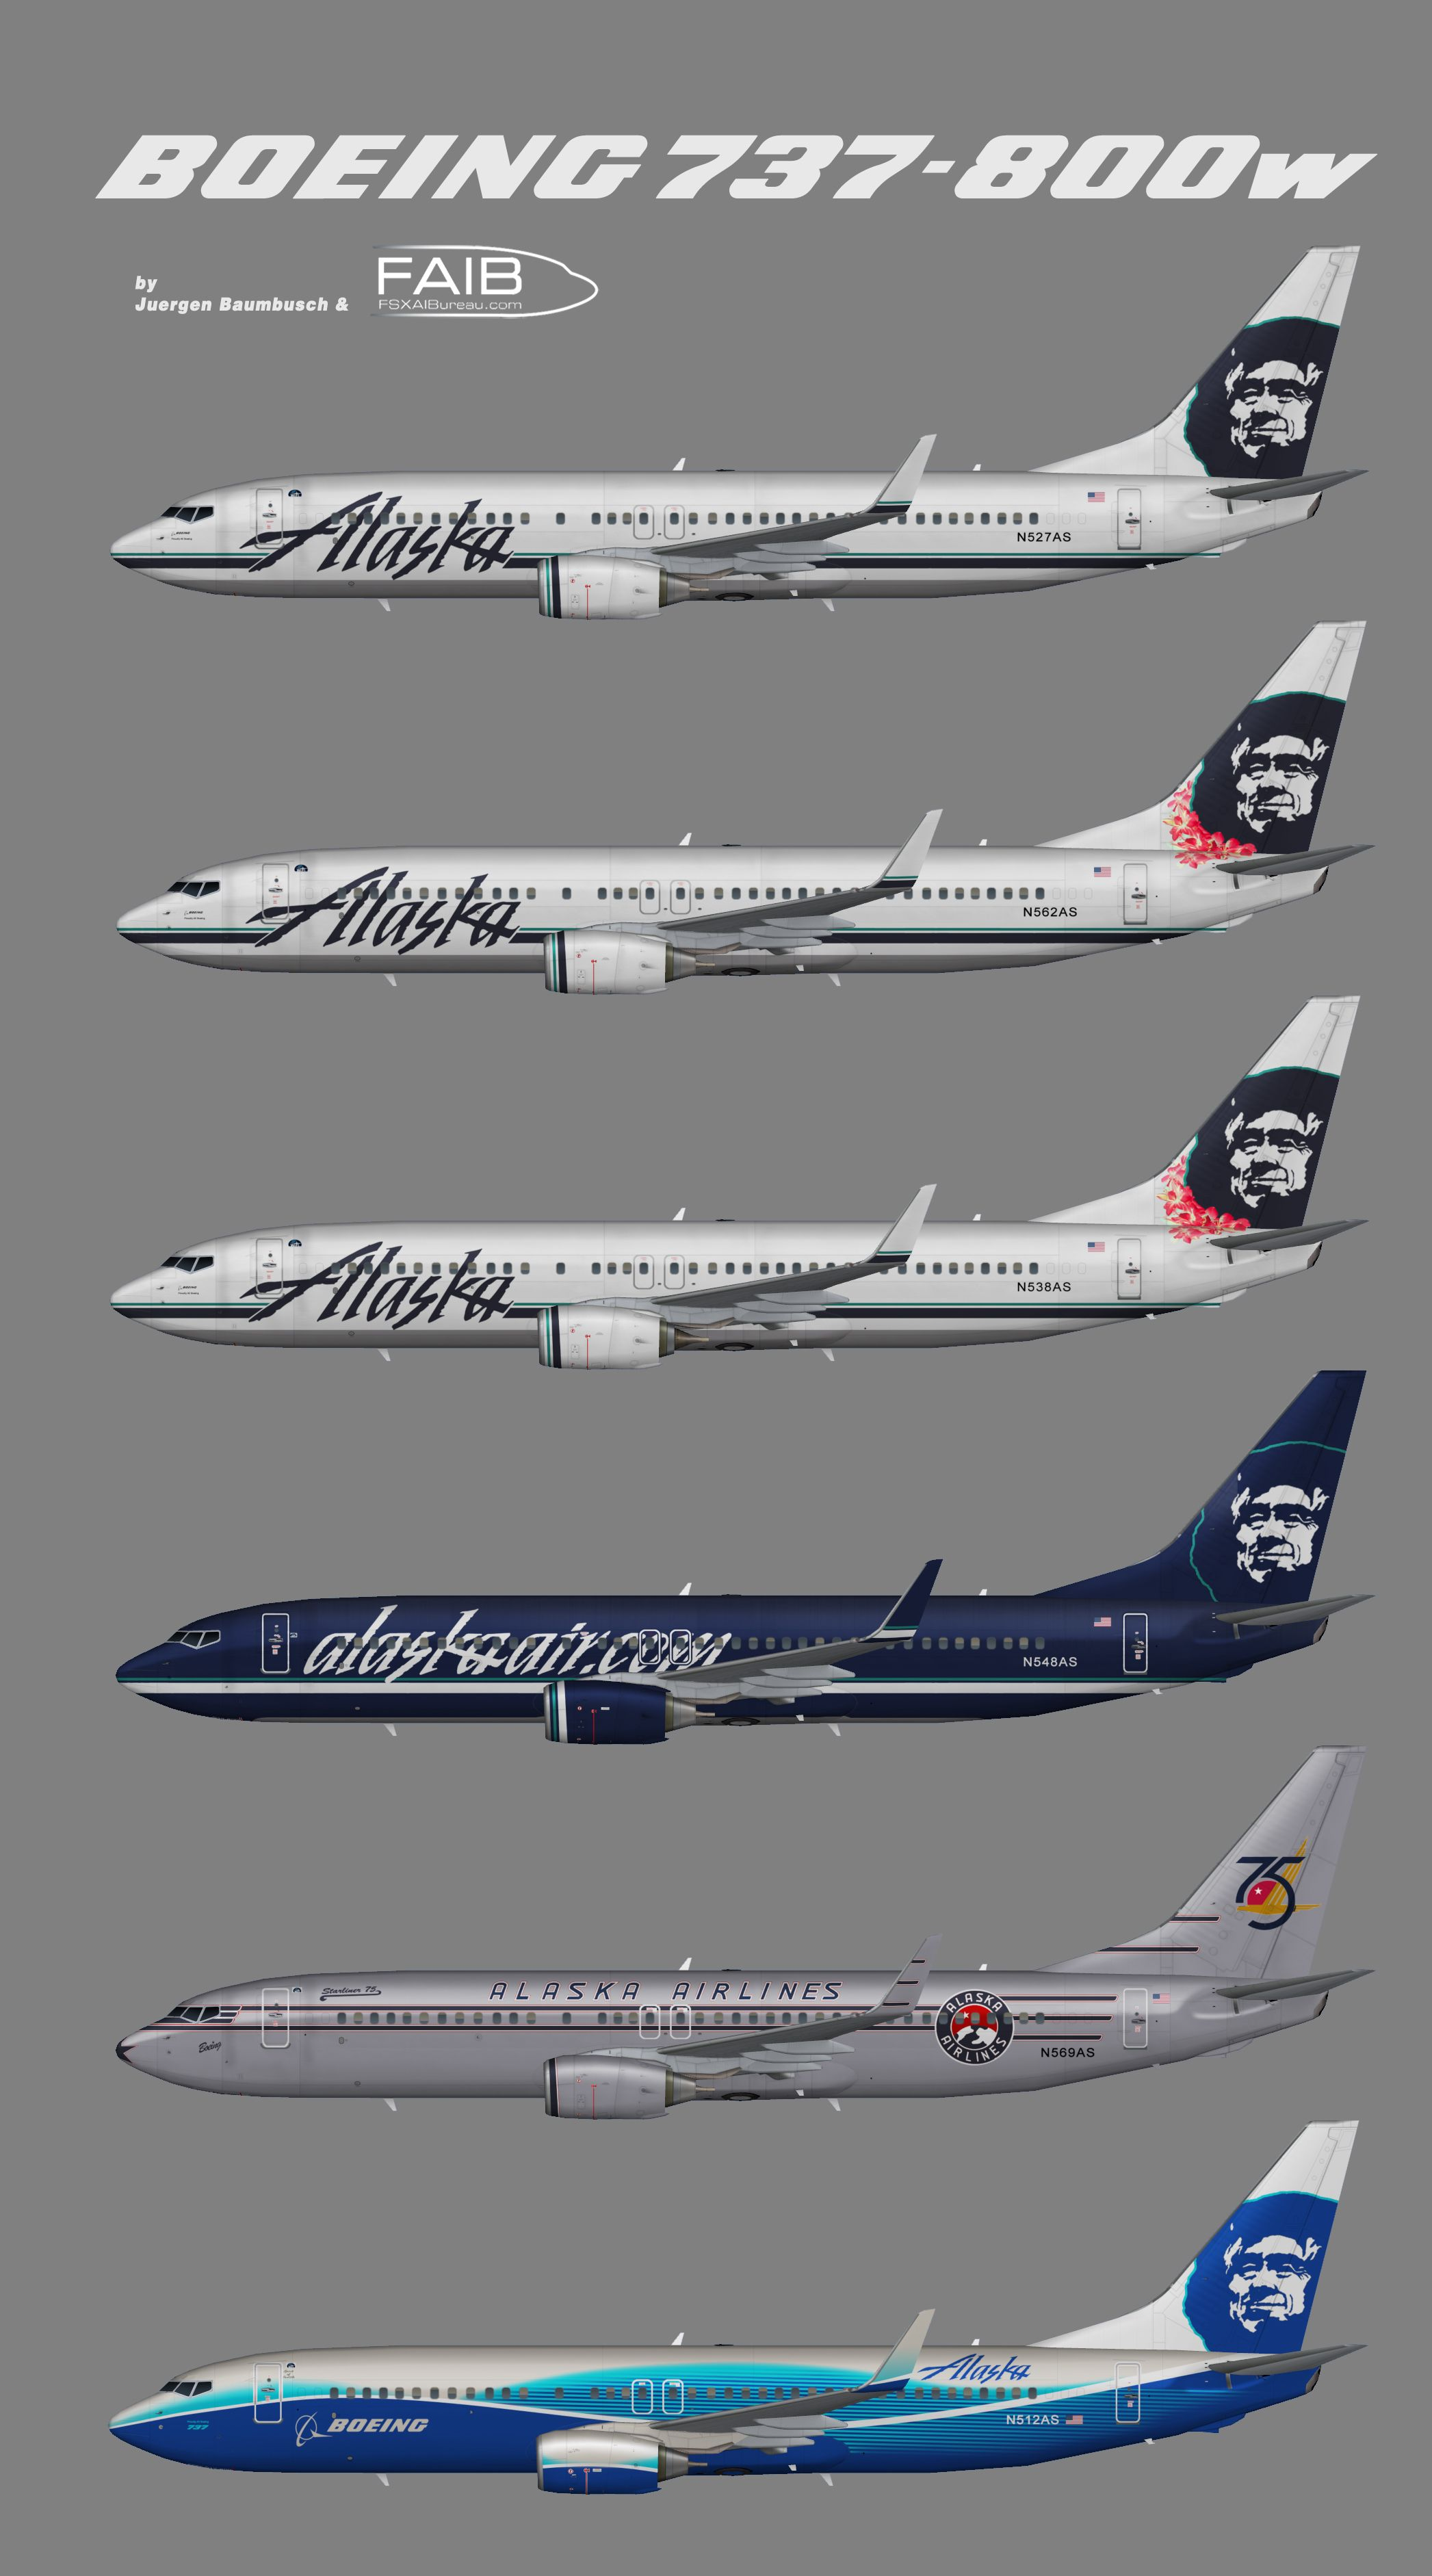 Alaska Airlines B737 800w